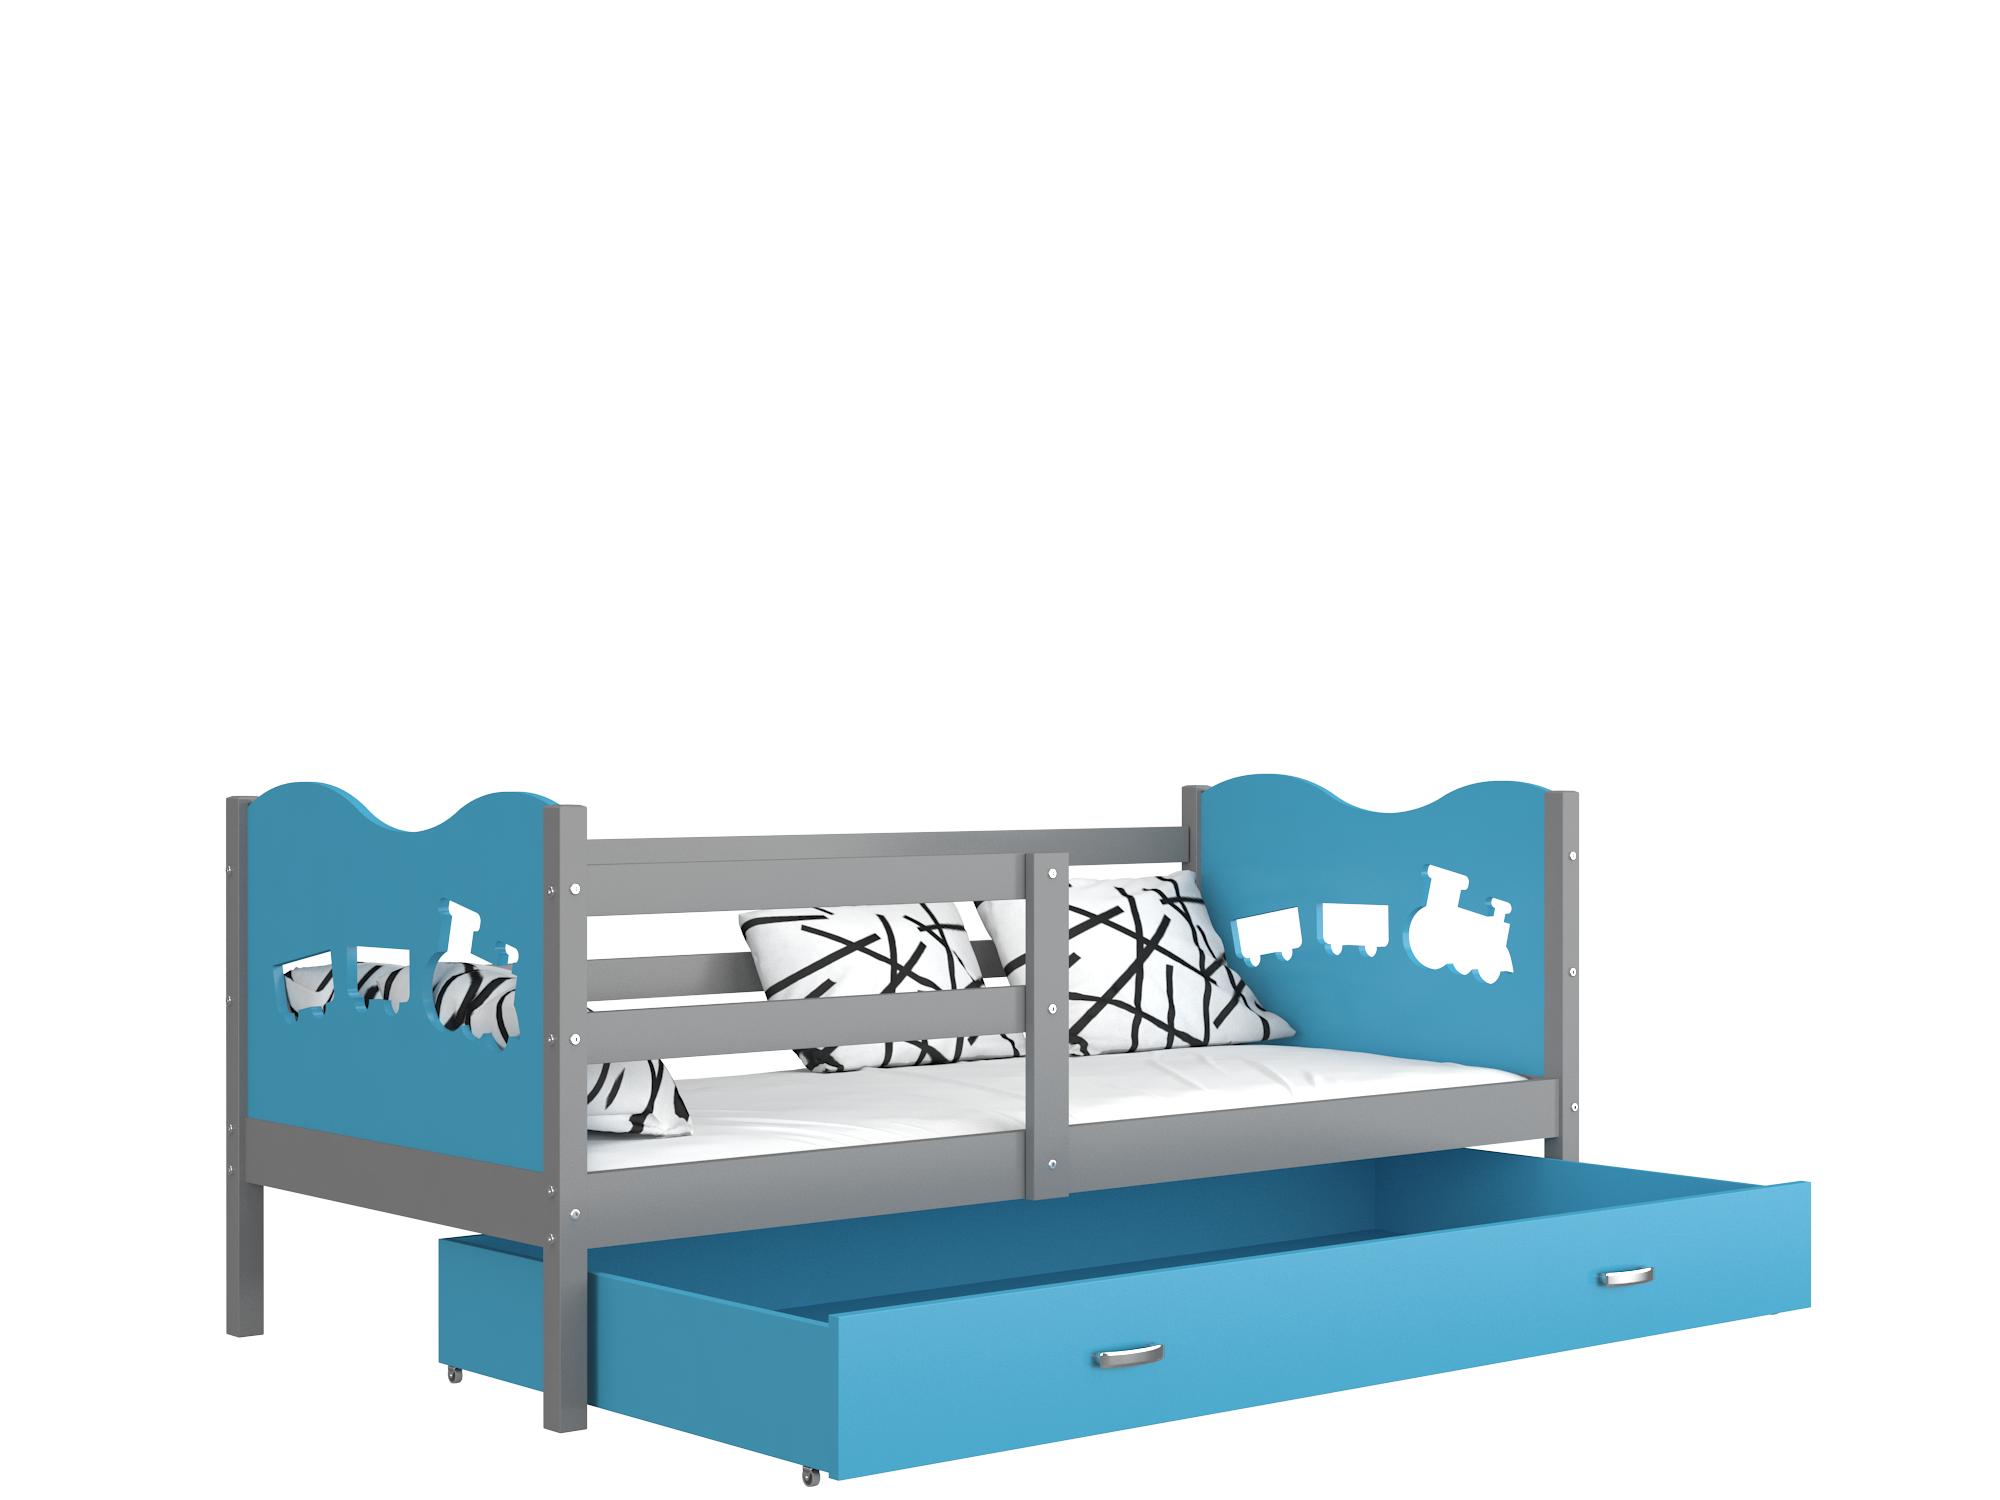 ArtAJ Detská posteľ Max P / MDF 190 x 80 cm Farba: Sivá / Modrá 190 x 80 cm, Prevedenie: s matracom